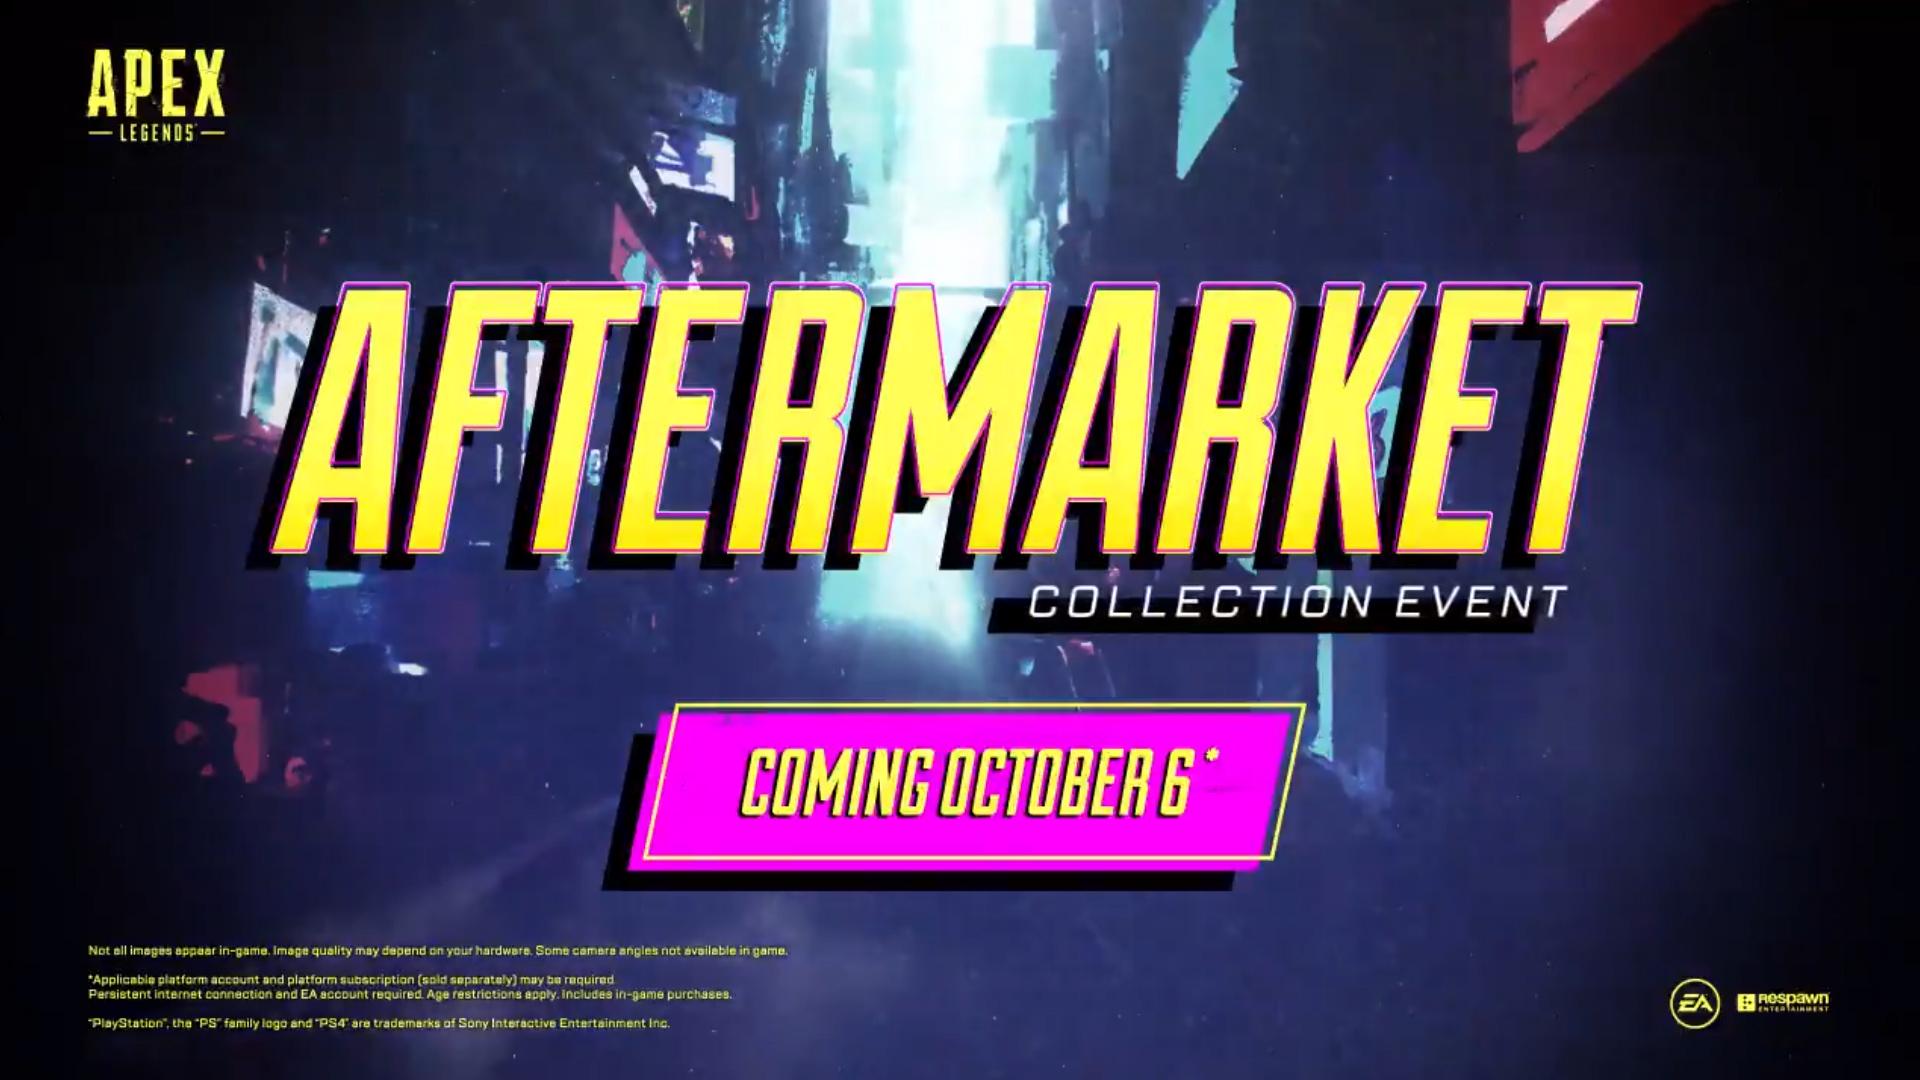 【速報】APEX公式より次のコレクションイベント「アフターマーケット」が発表!!日本時間10月7日よりスタート